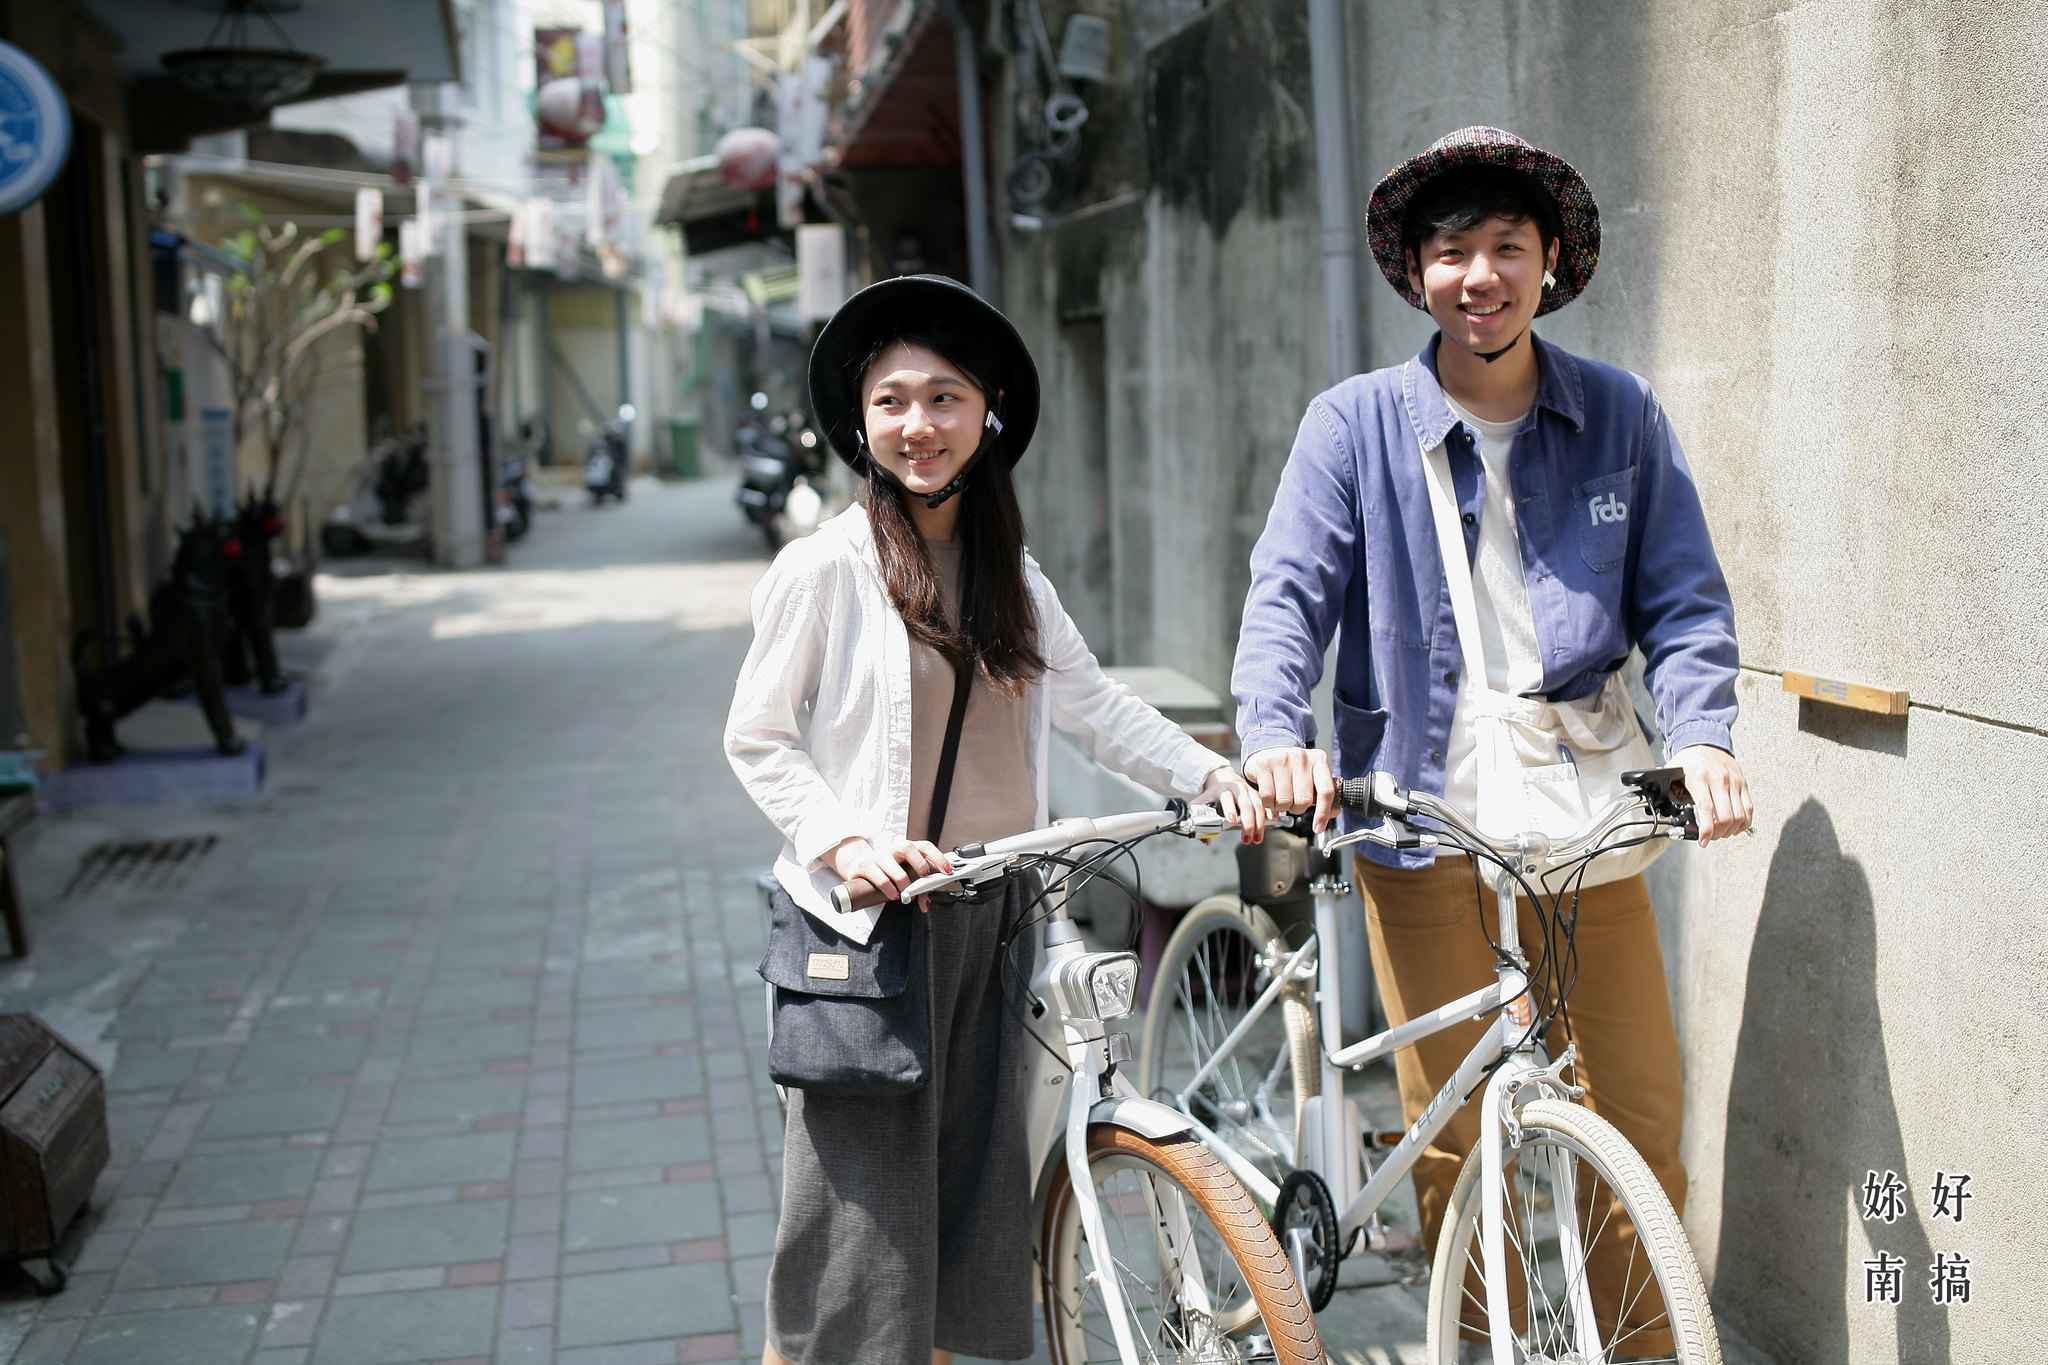 台南腳踏車-小南天生活輕旅-02-妳好南搞